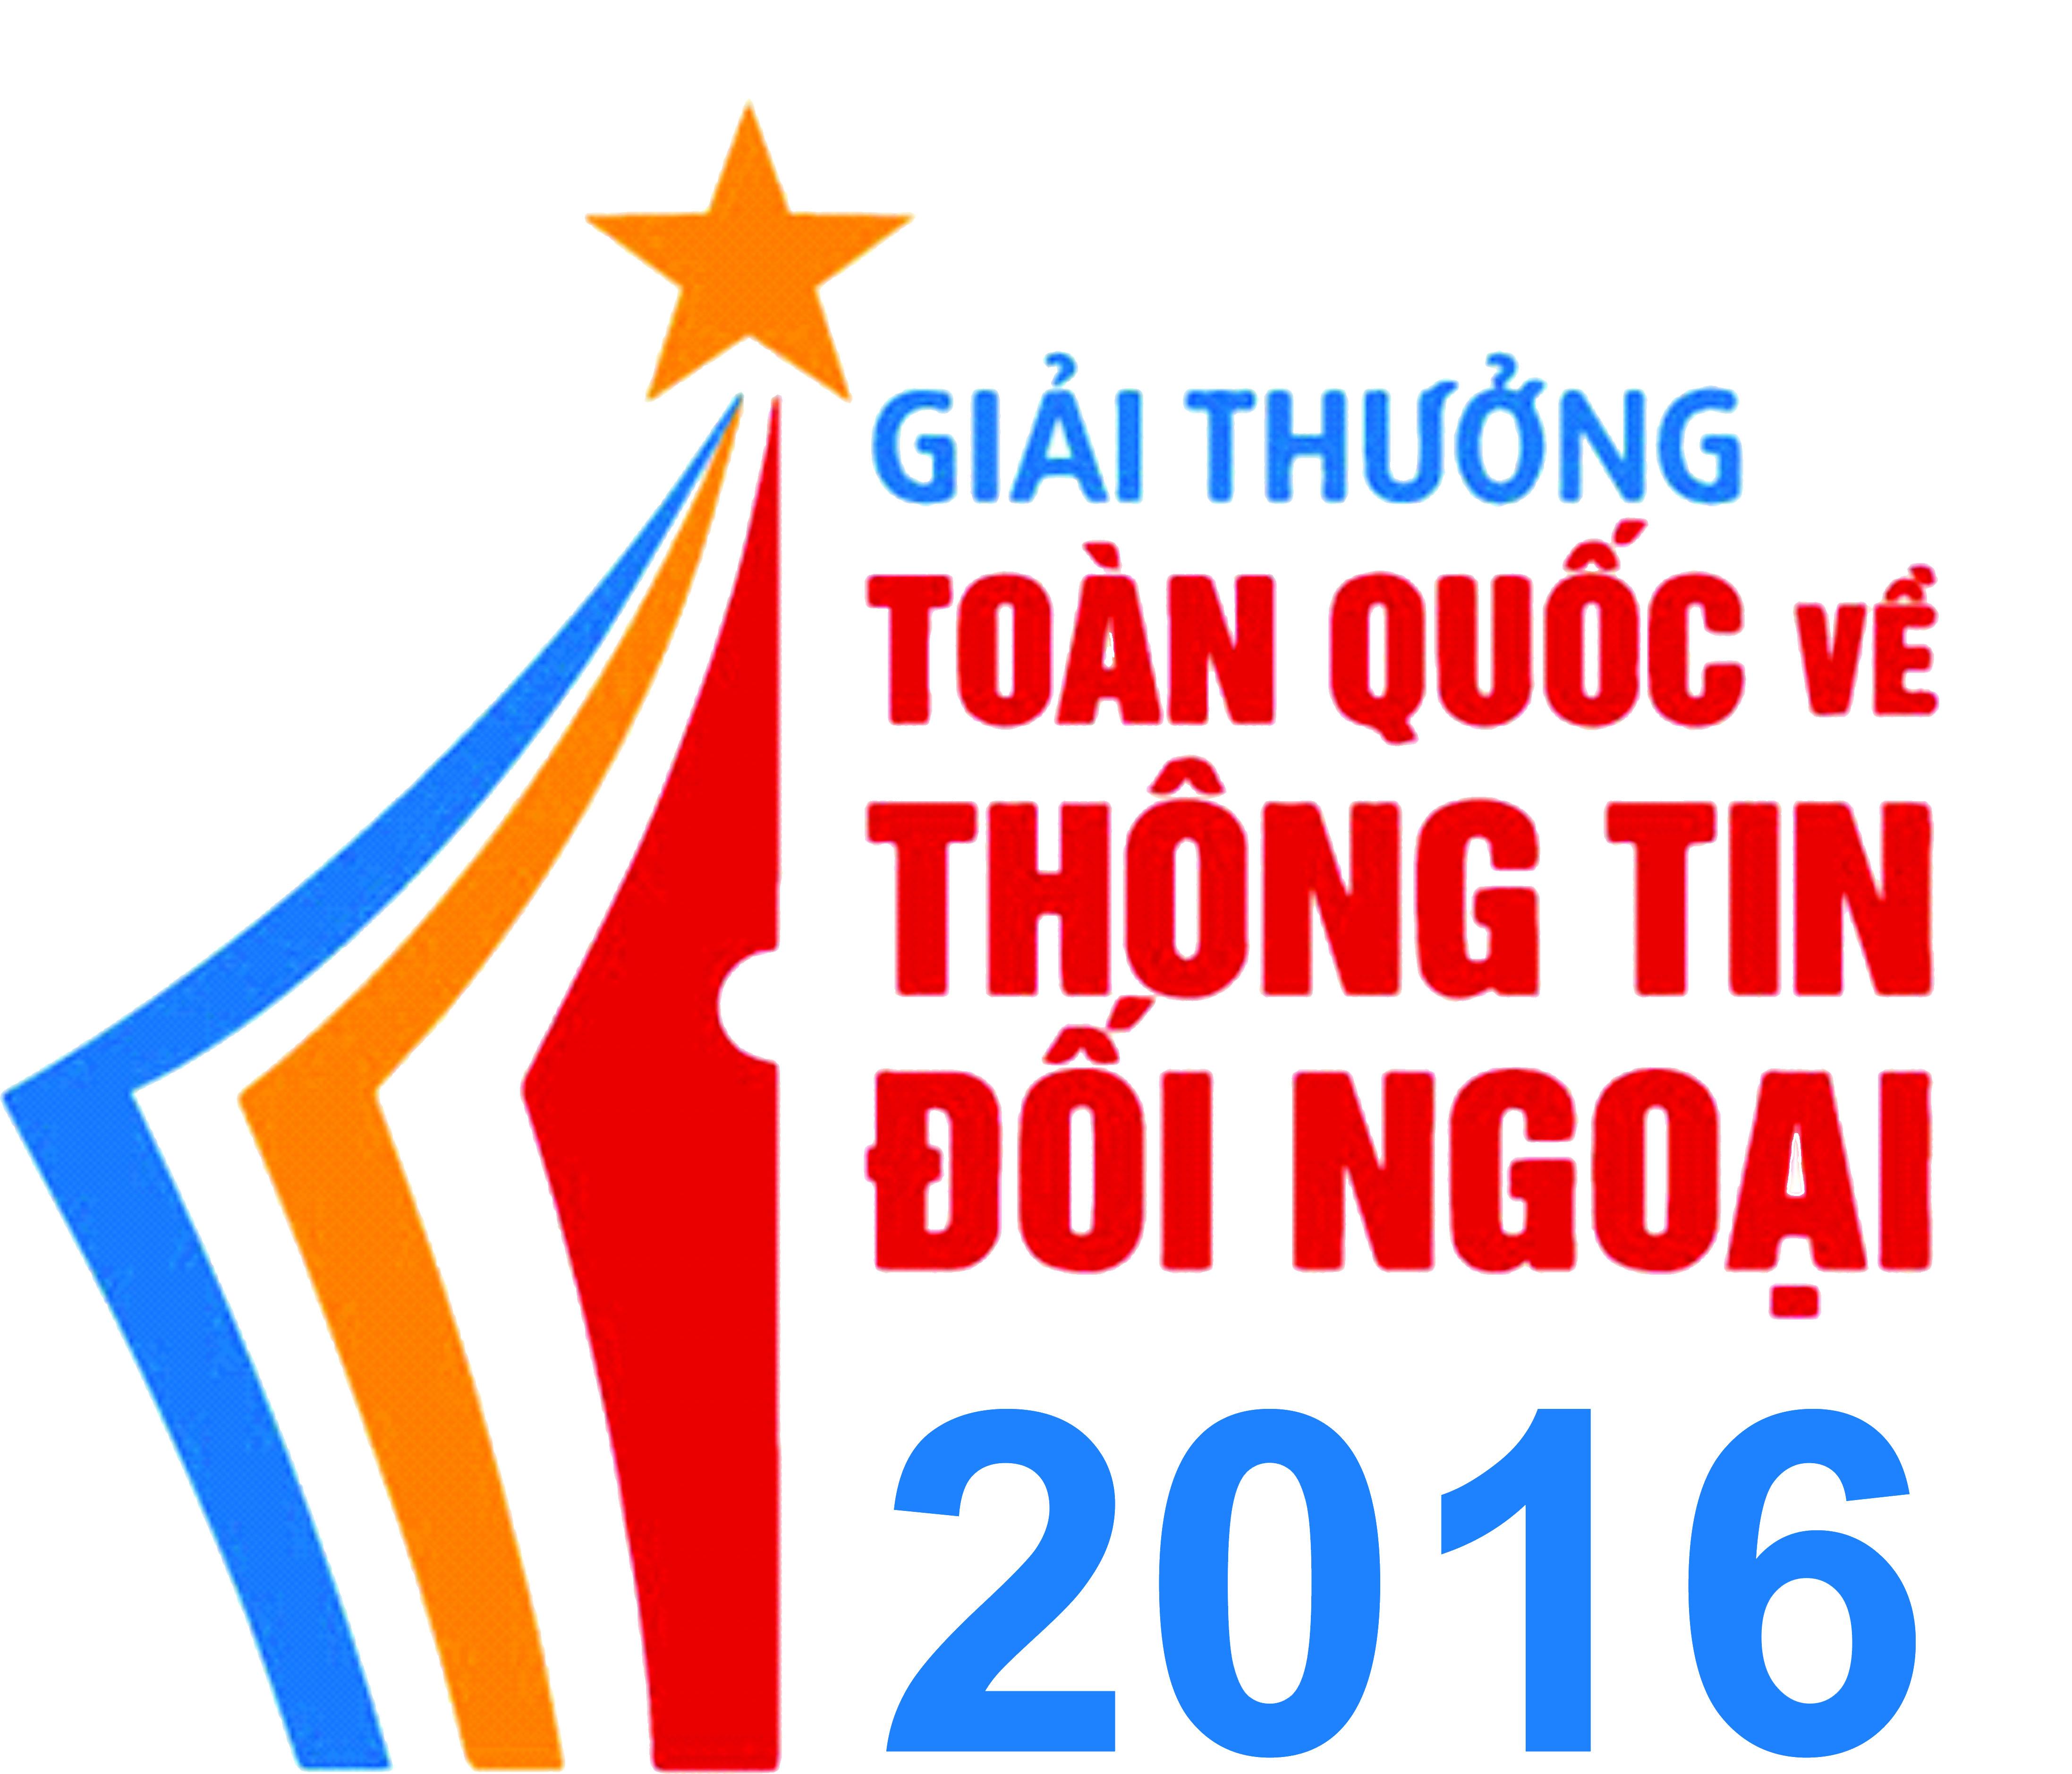 Arranca Concurso Nacional de Información para el Exterior de Vietnam 2016